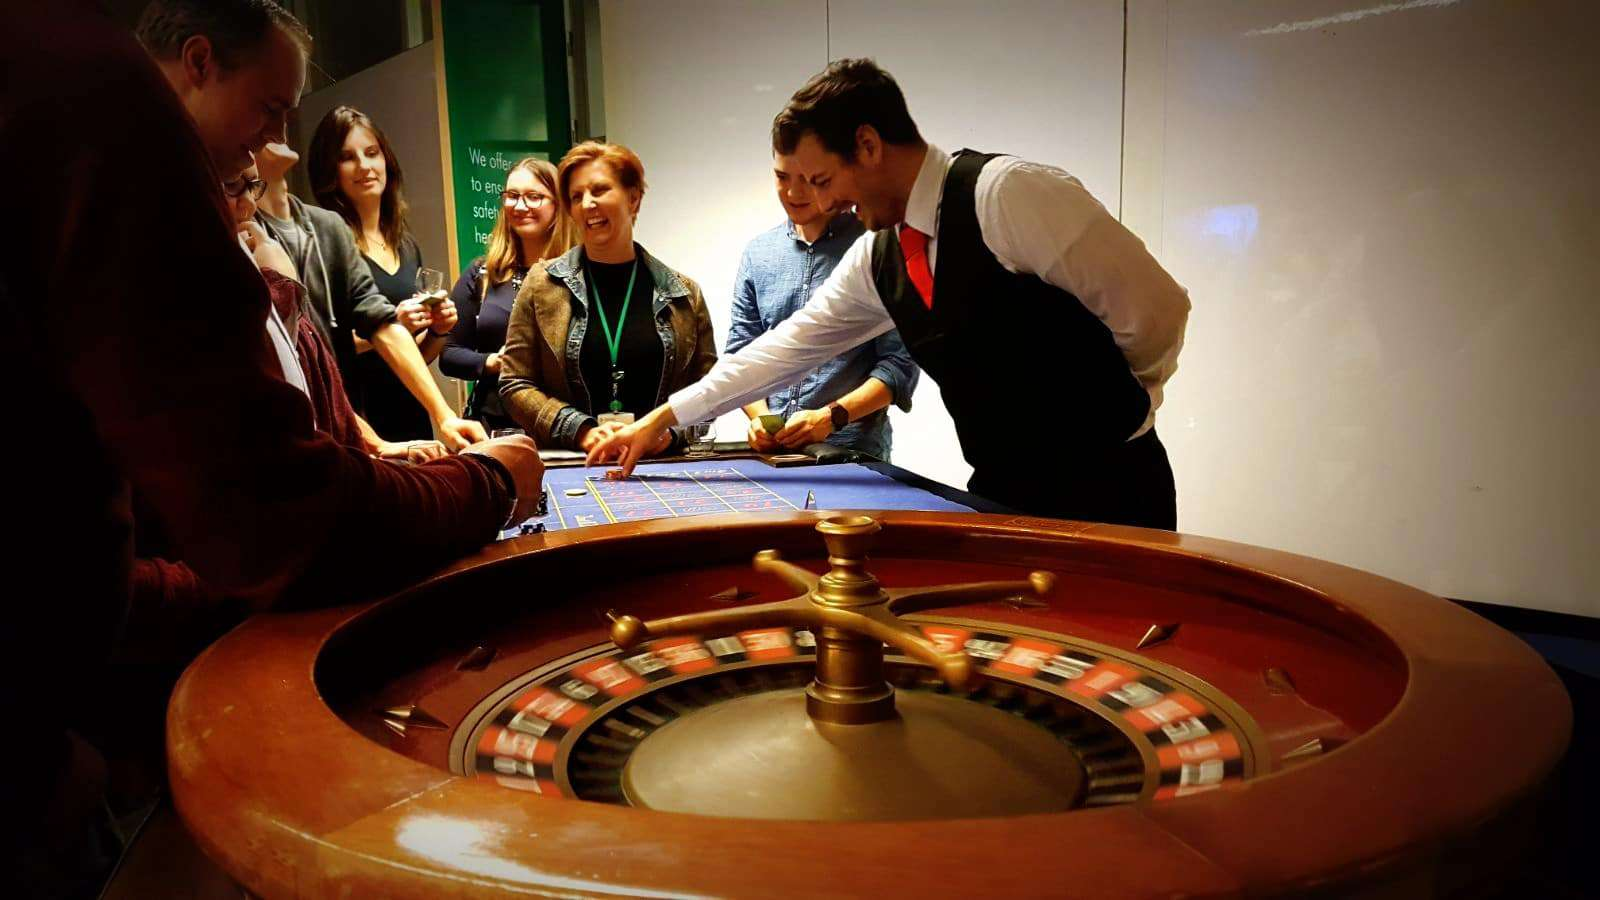 roulette op locatie met casinohuren.nl